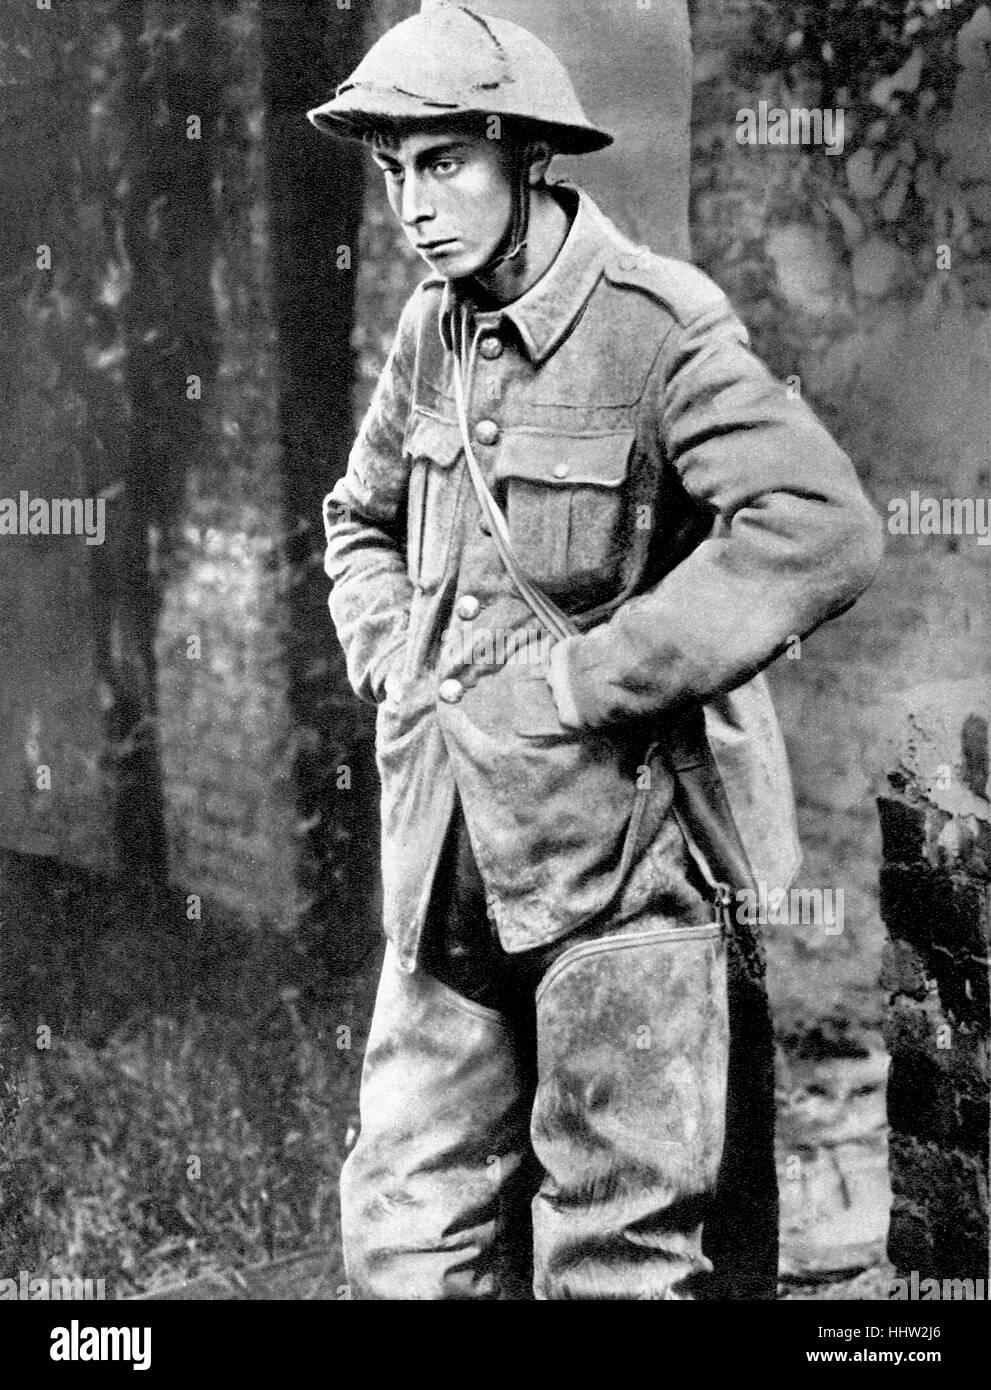 British prisoner of war in a German camp. First World War, 1916 - Stock Image